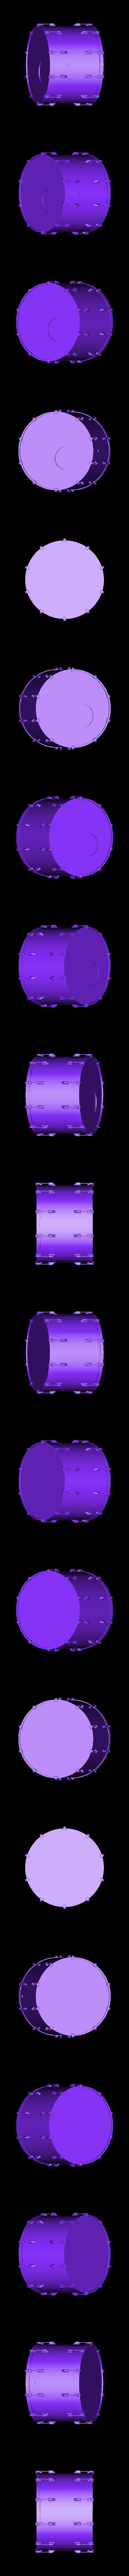 Bass Drum.stl Télécharger fichier STL gratuit Maquette de la batterie • Objet pour impression 3D, itzu